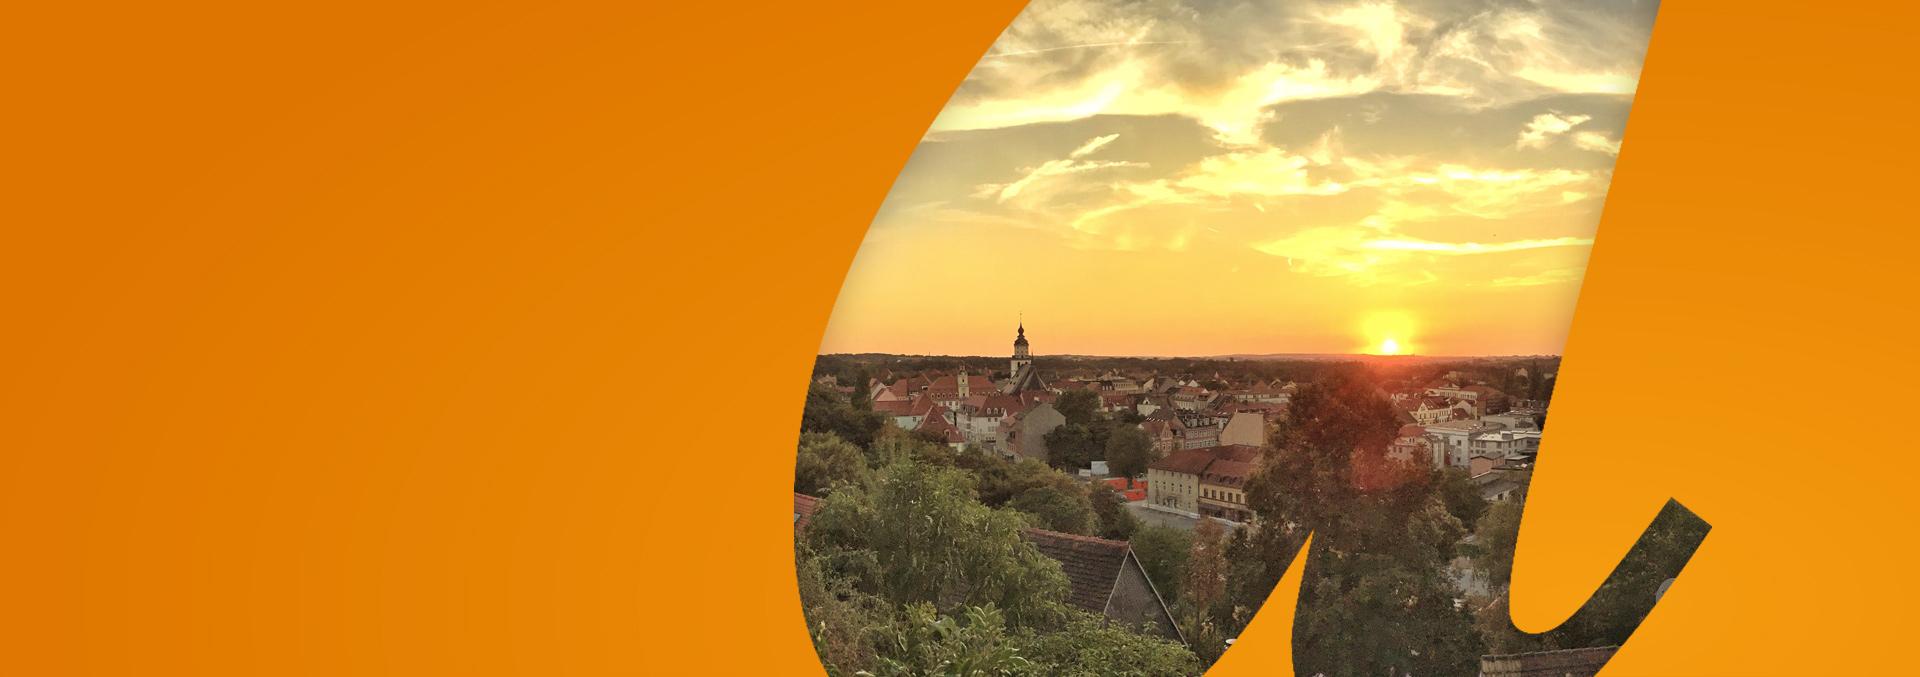 Panorama gegen den Sonnenuntergang über Weißenfels, dem Standort einer unserer Einrichtungen und des ambulanten Pflegedienstes avendi-mobil.